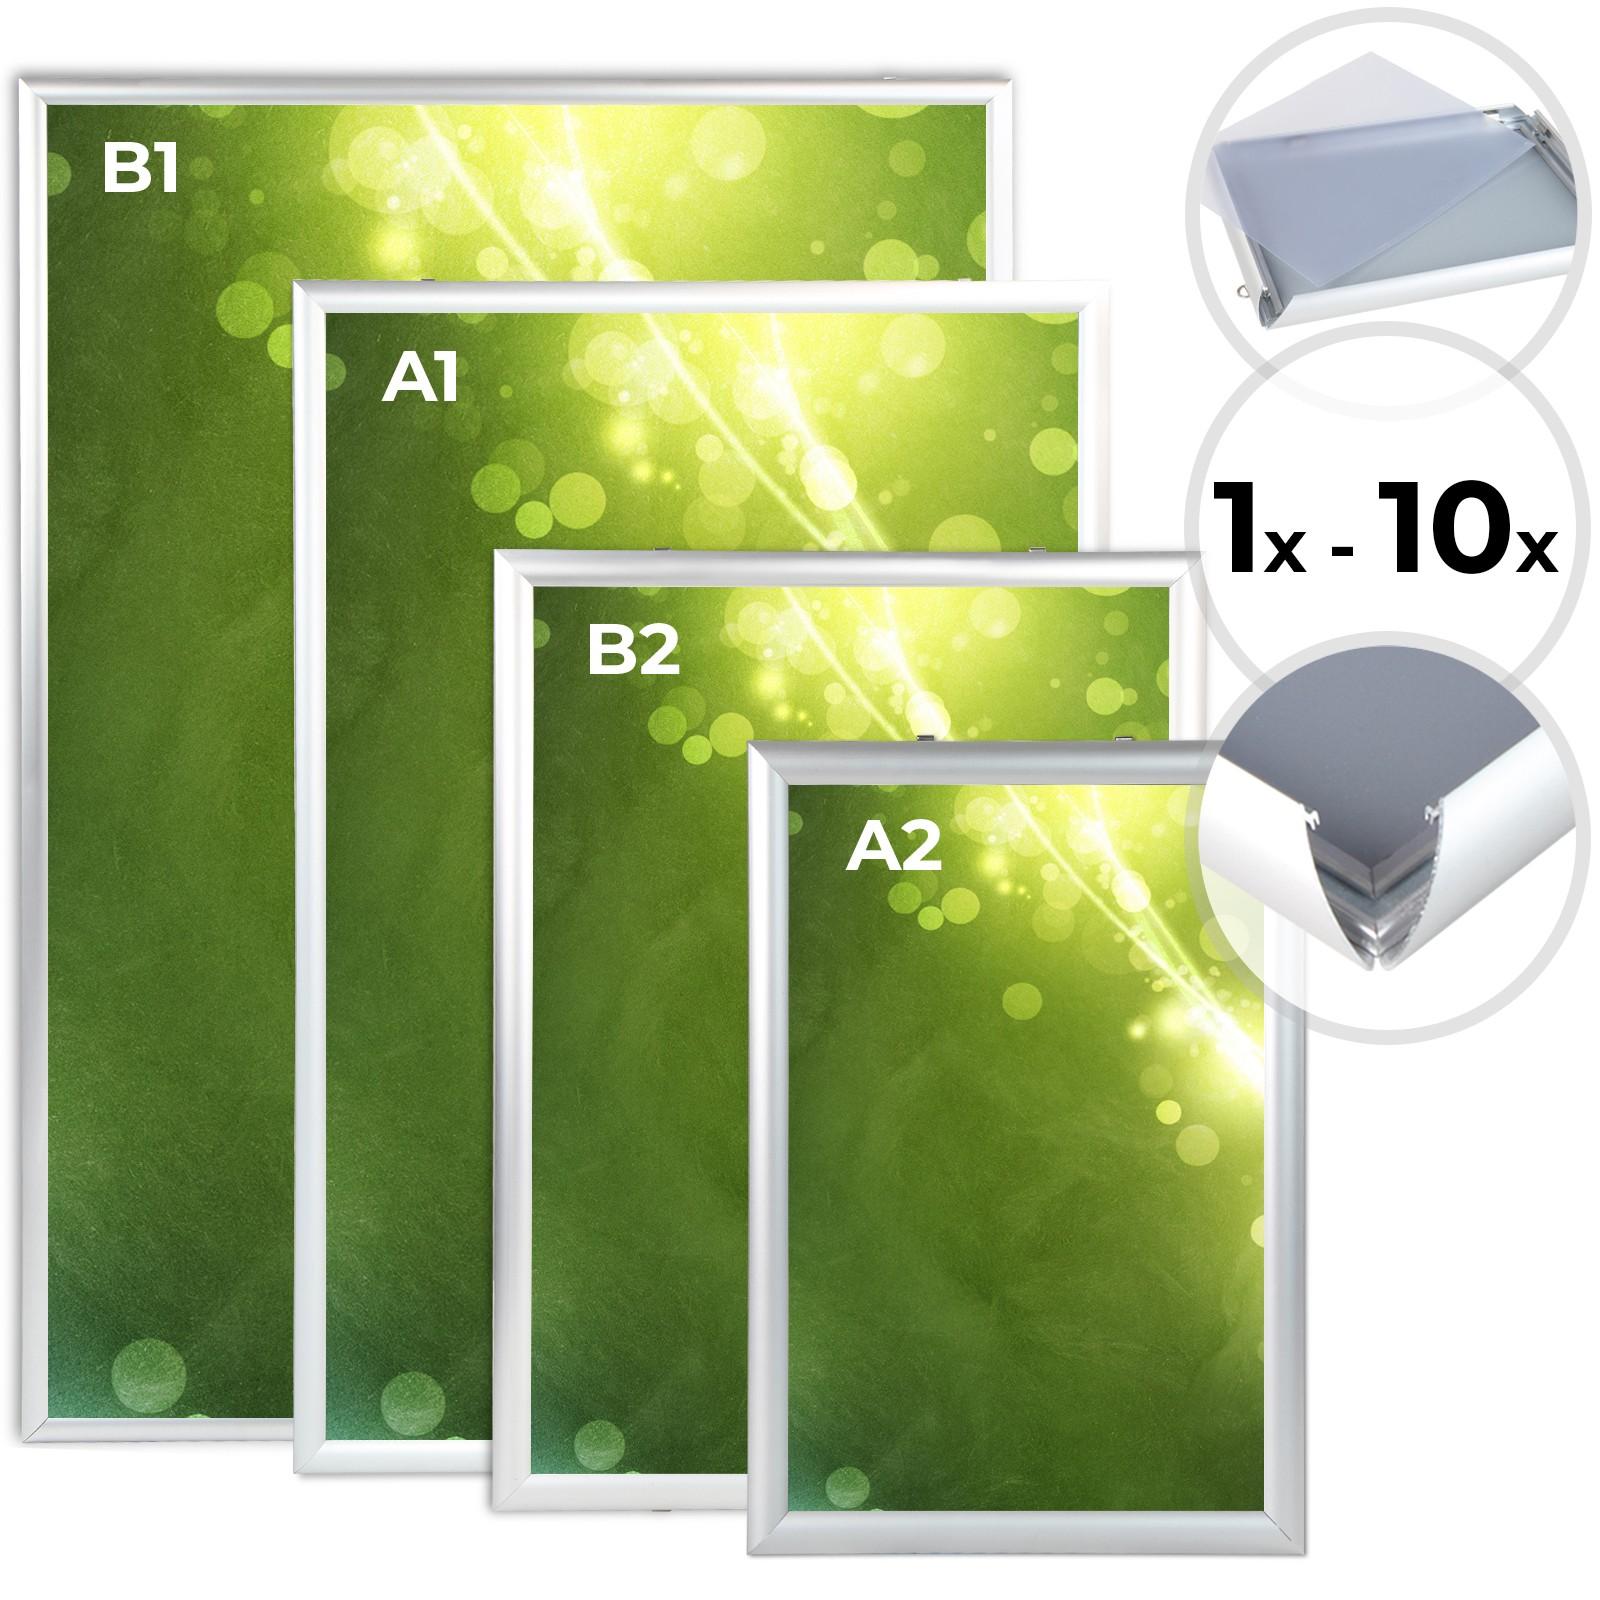 10 SMD LED dry-njs-uv1-1 LEDs Yellow 587nm 560mcd 120 ° domiled ™ dominant 104883